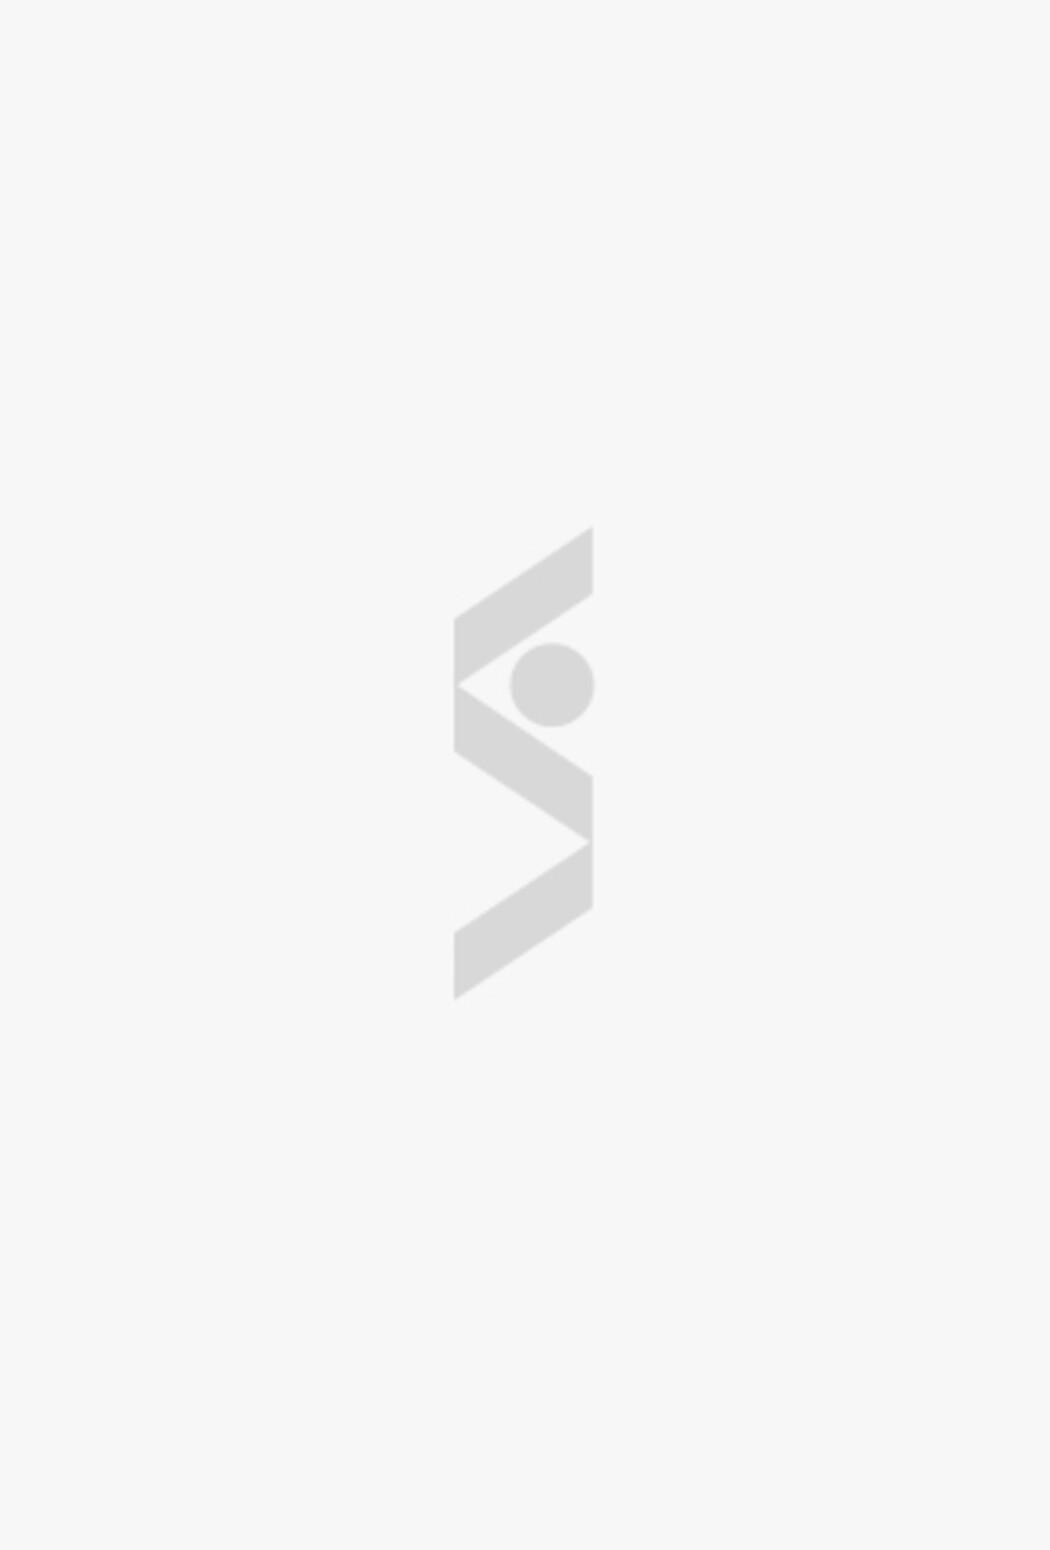 Сумасшедшие дниЧетвергДля домаДля кухниСтоловая посудаЧаши и пиалыЧашиФарфоровая чаша Floral 12 см                         Pip Studio                        Фарфоровая чаша Floral 12 см